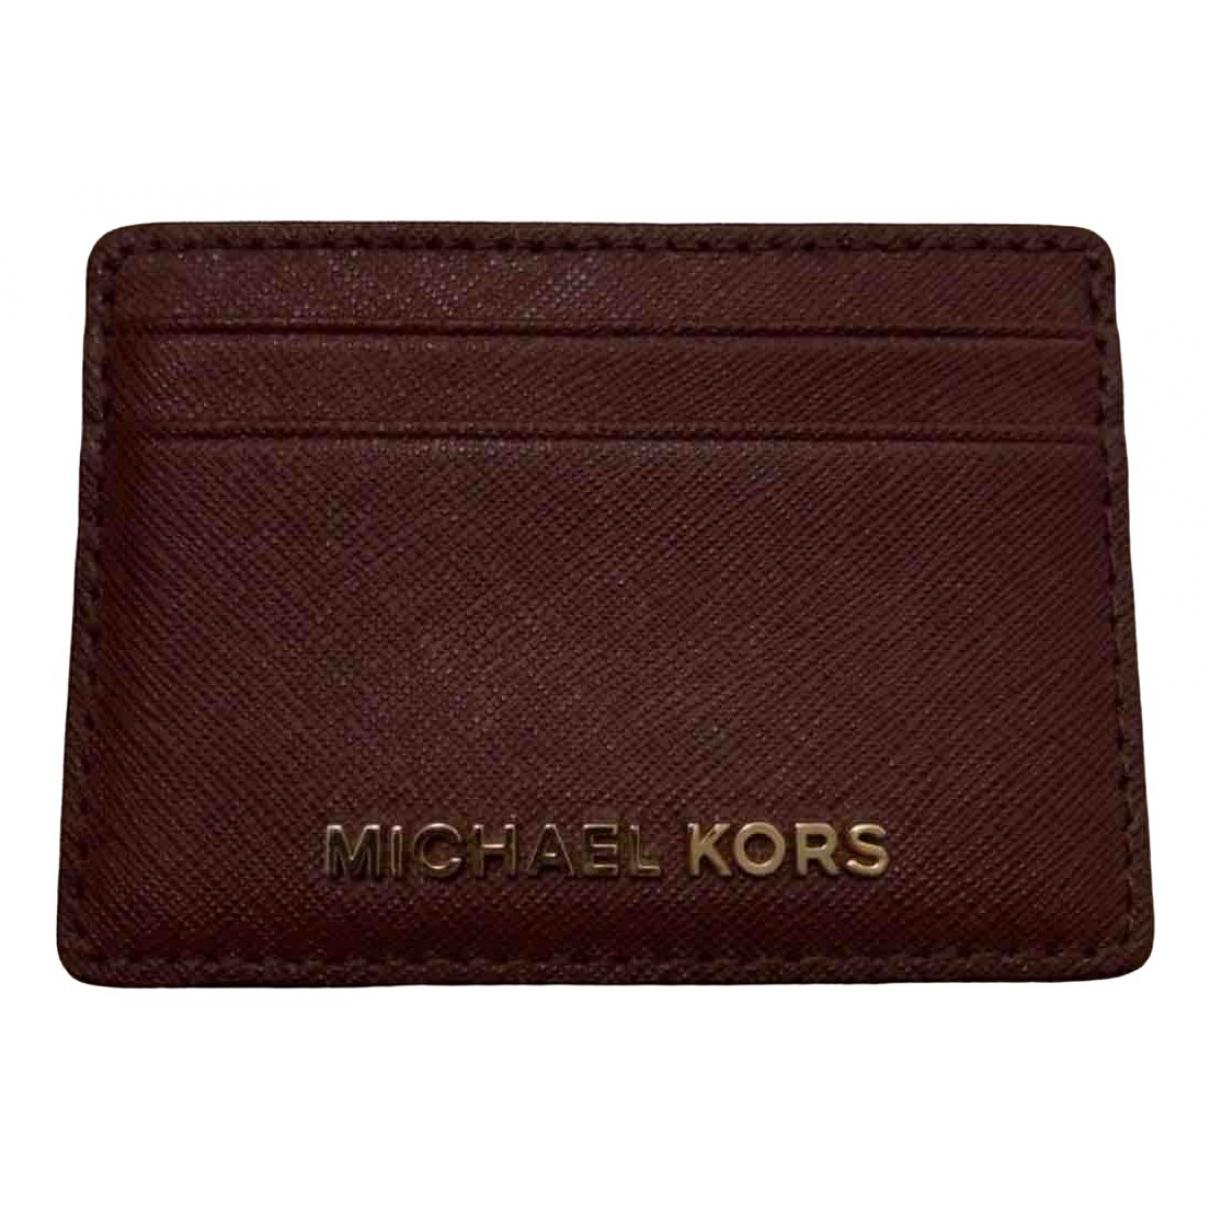 Michael Kors \N Portemonnaie in  Bordeauxrot Leder